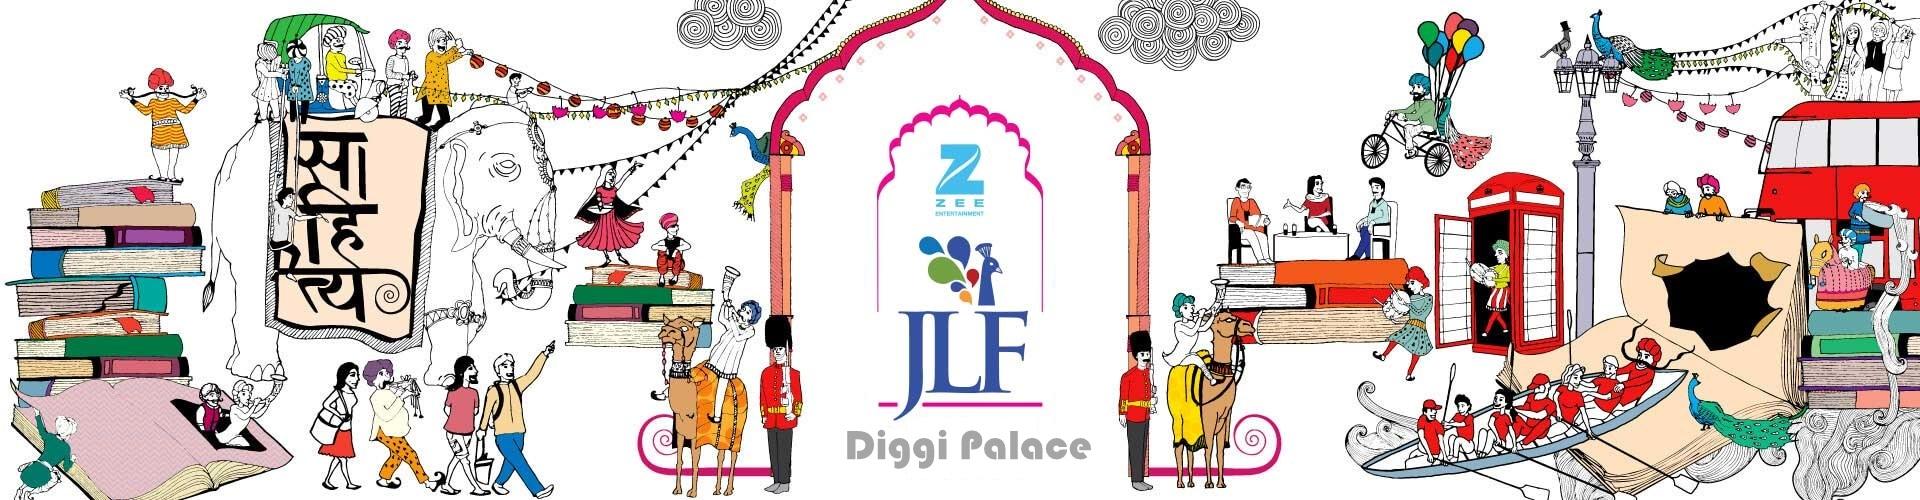 Jaipur Literature Festival 2018